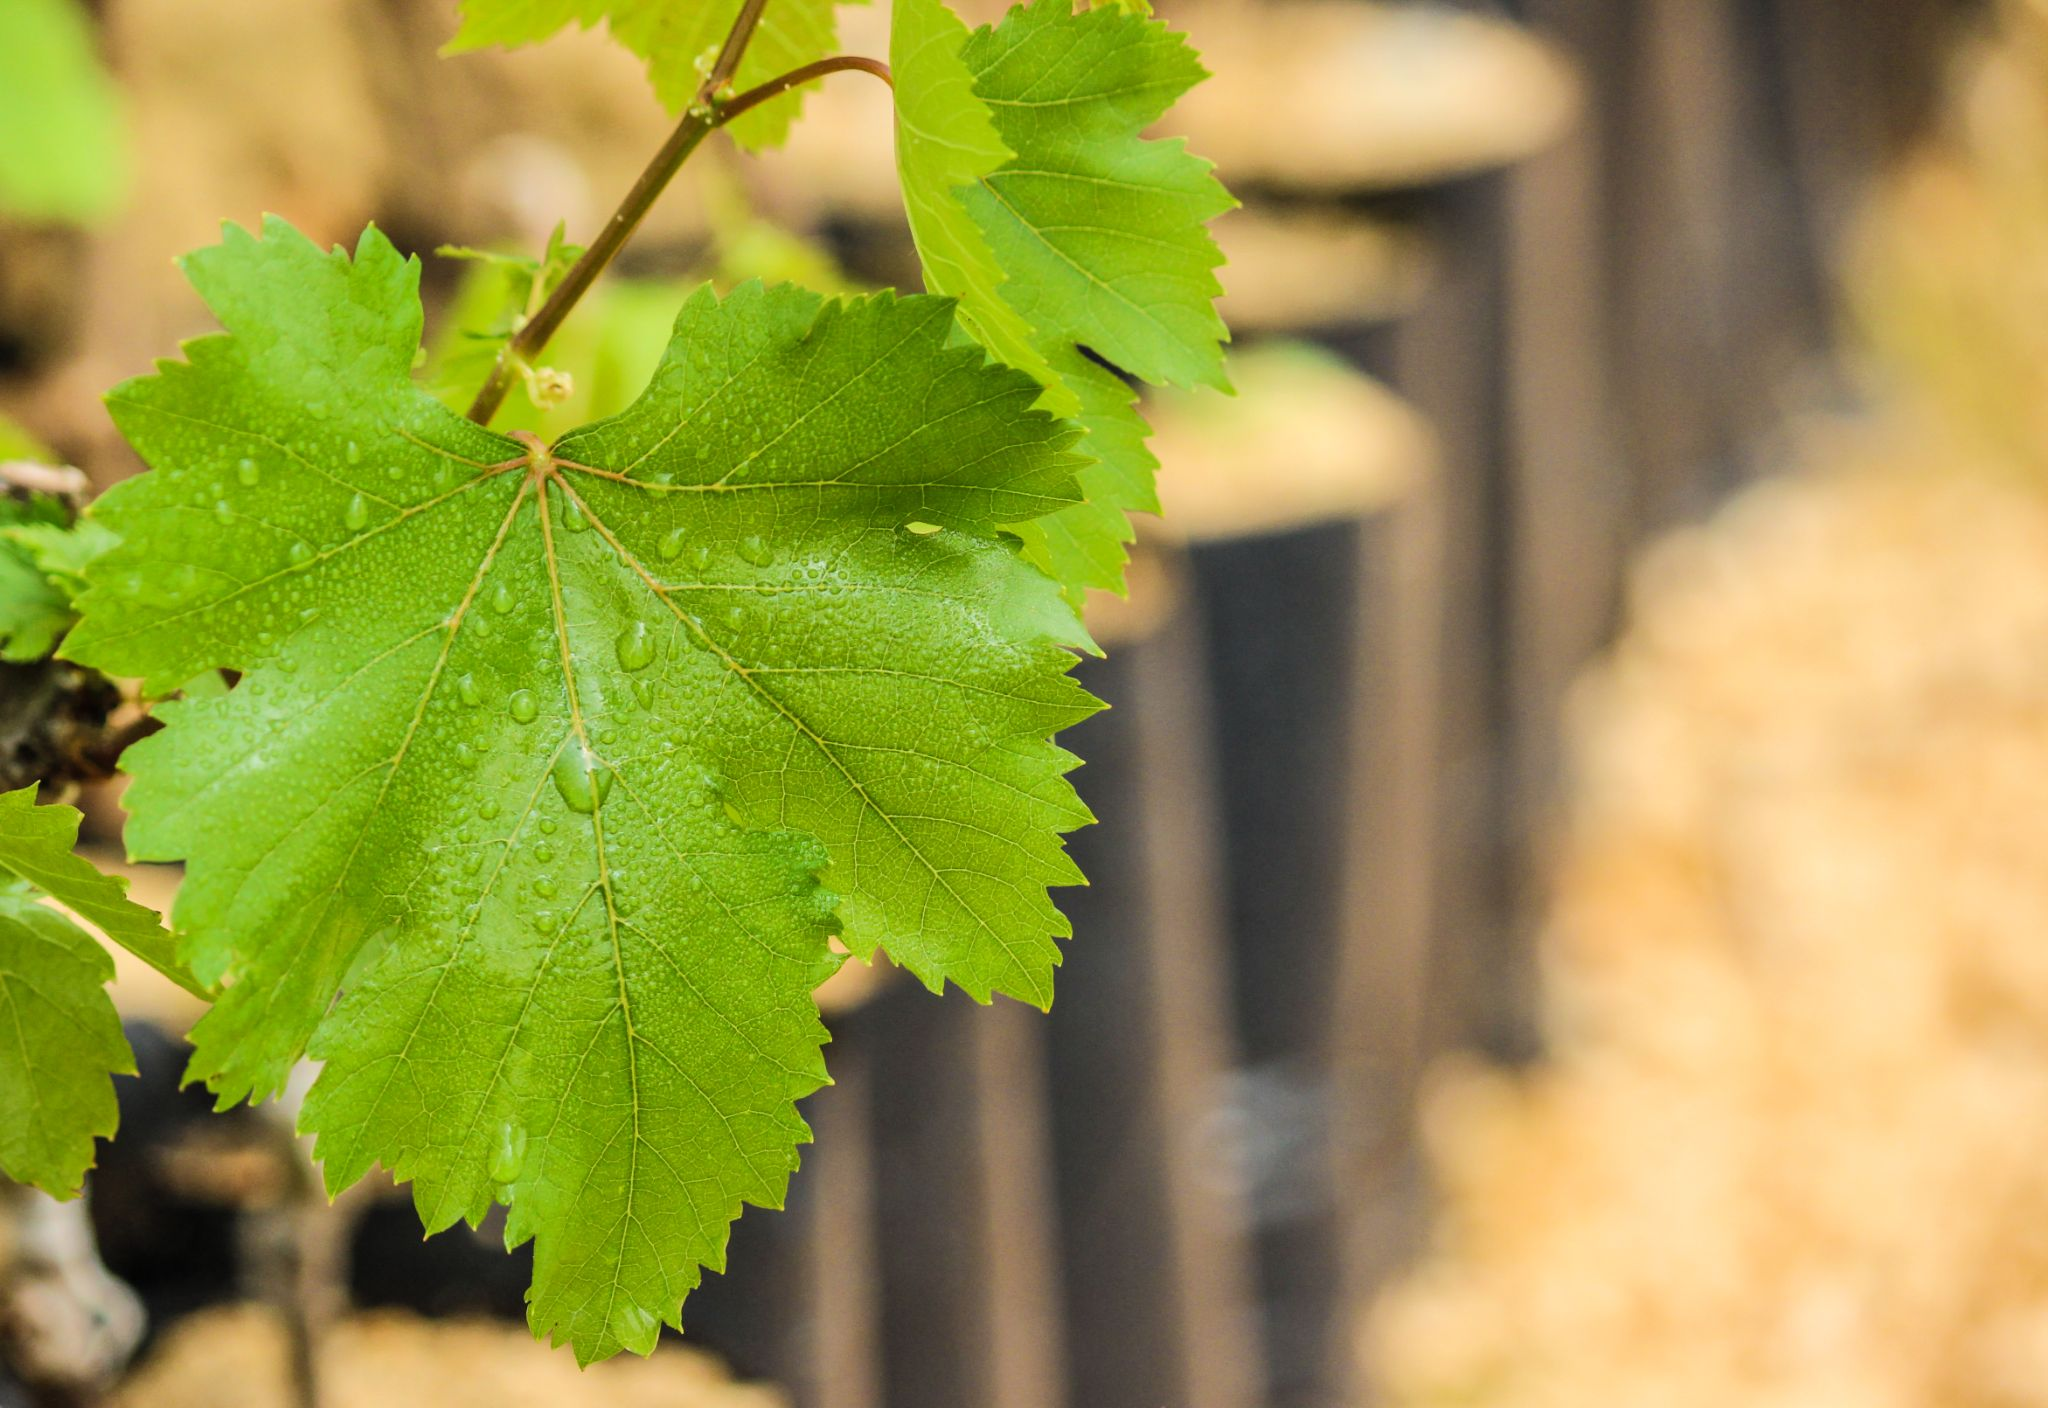 Vine leaves by Hazem_Khattab